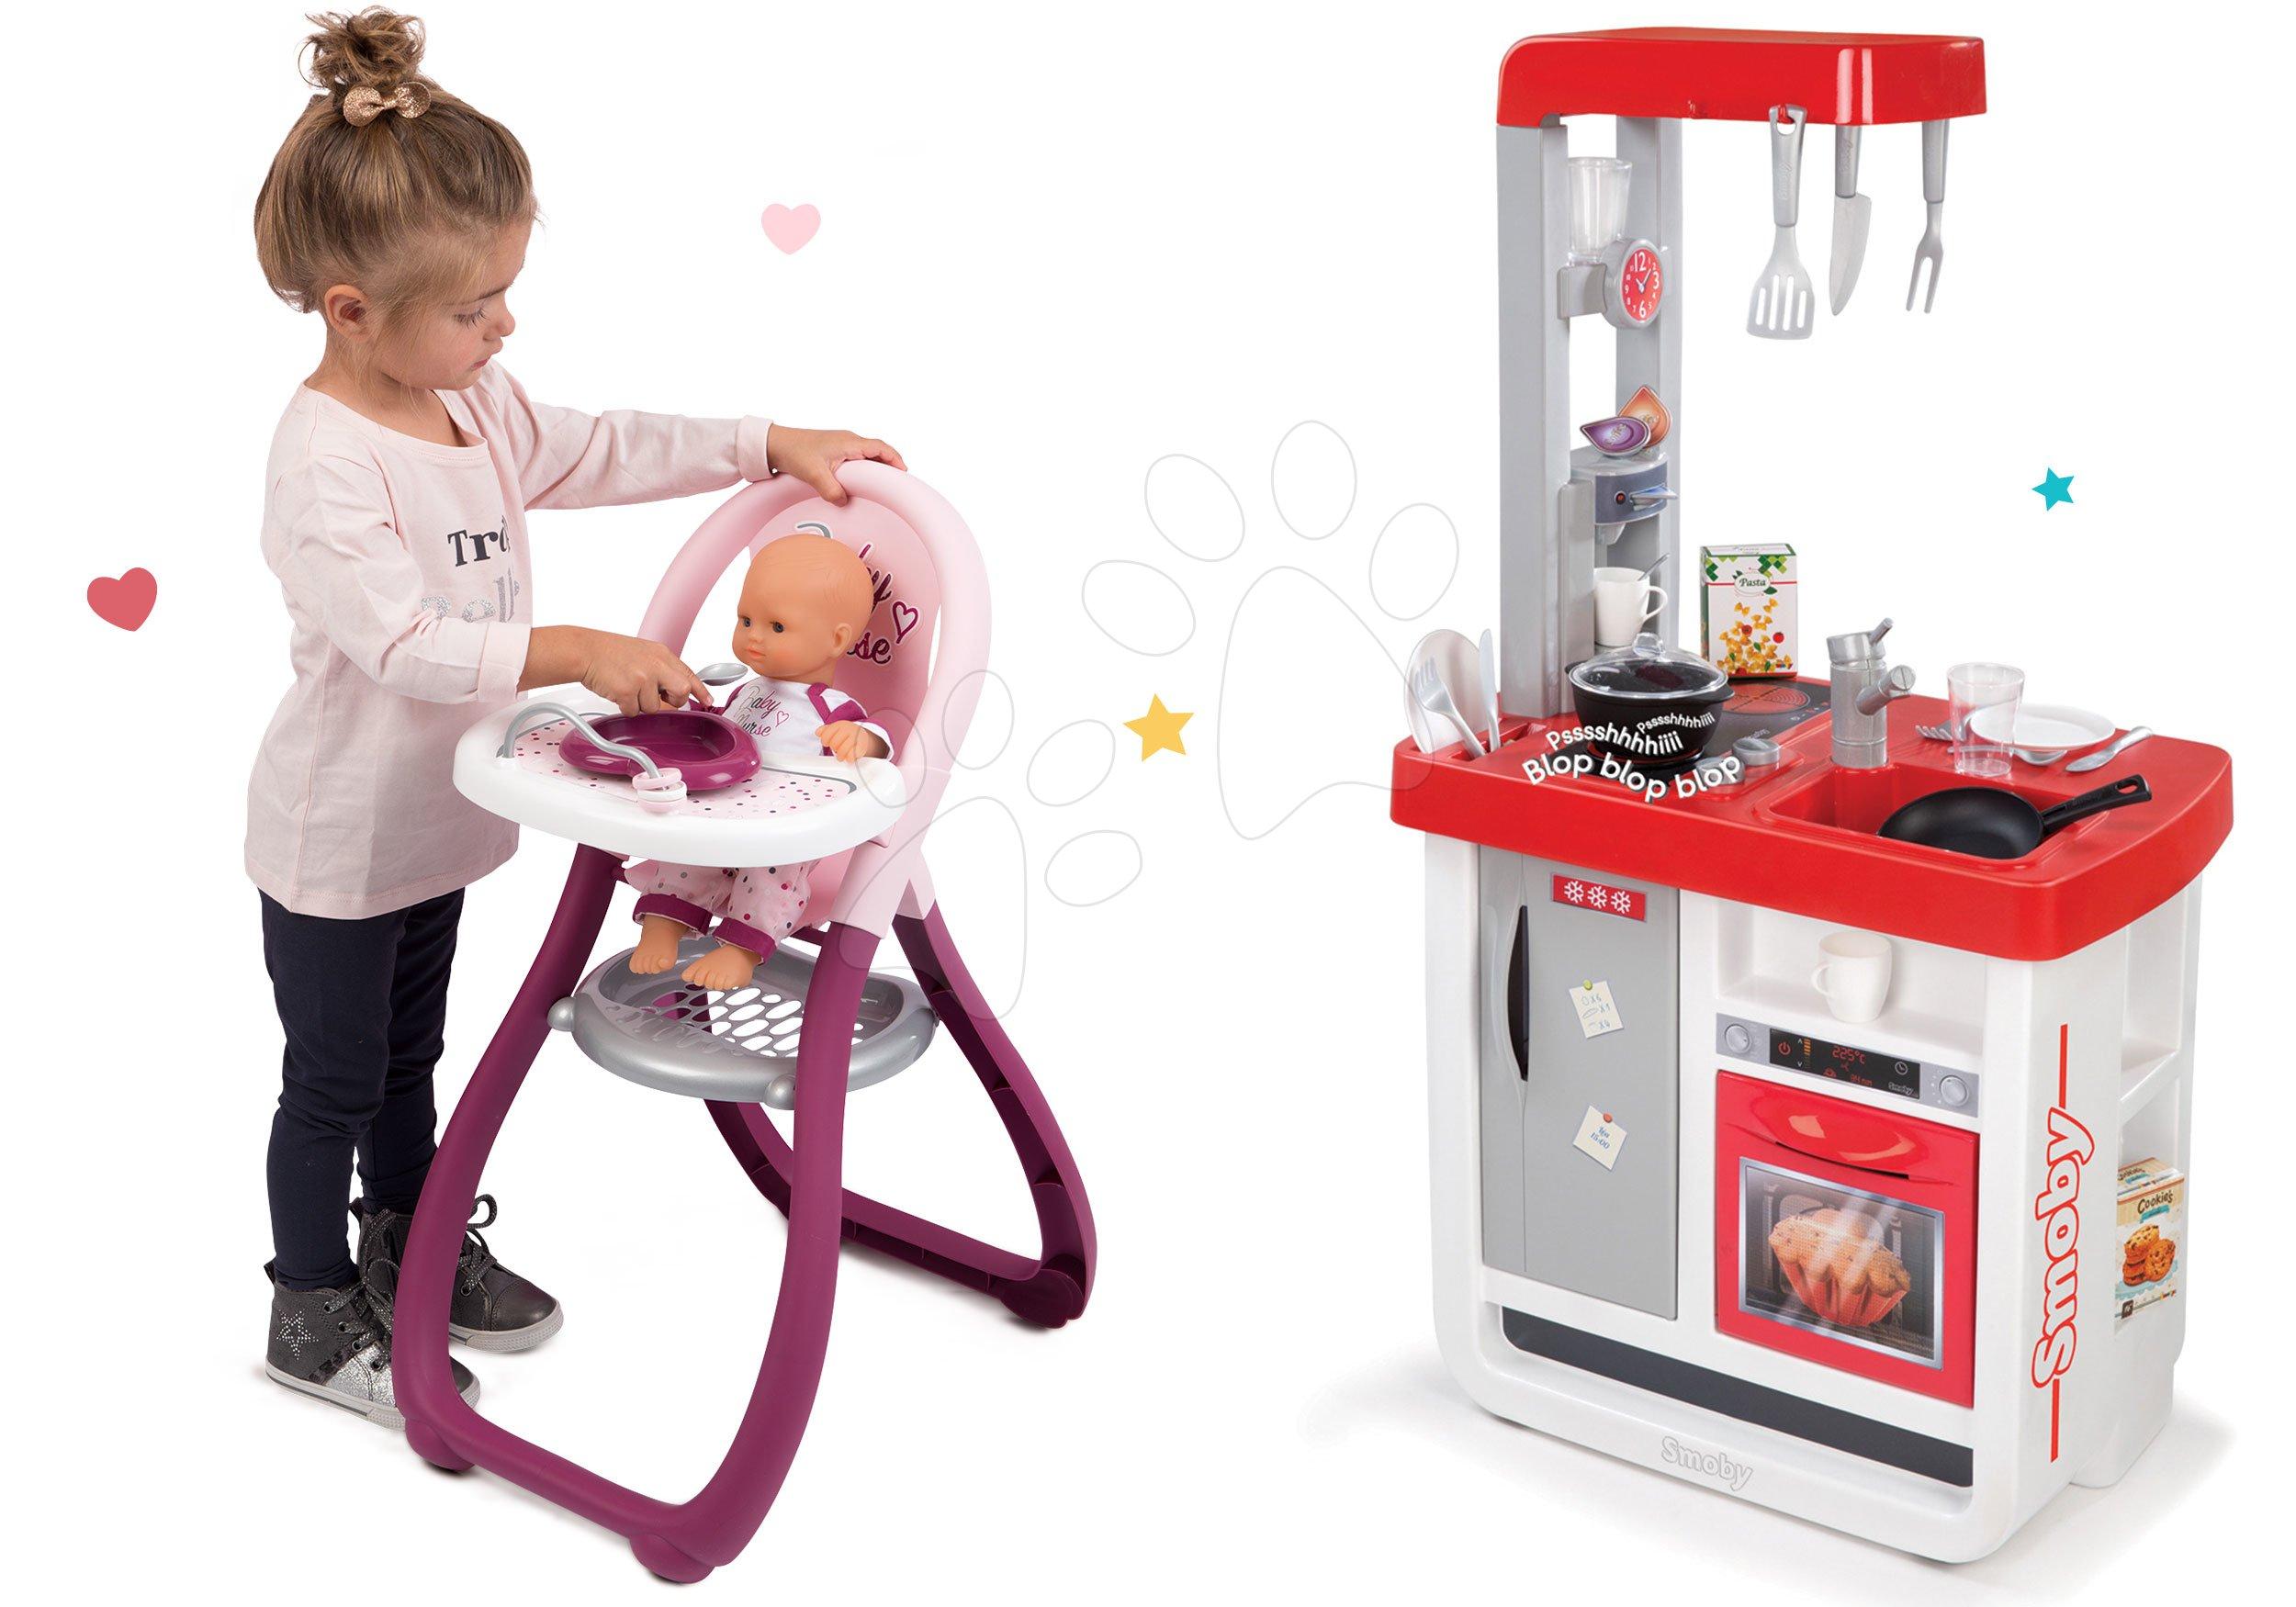 Smoby set detská kuchynka Bon Appétit so zvukmi, jedálenská stolička a bábika Baby Nurse 310800-4